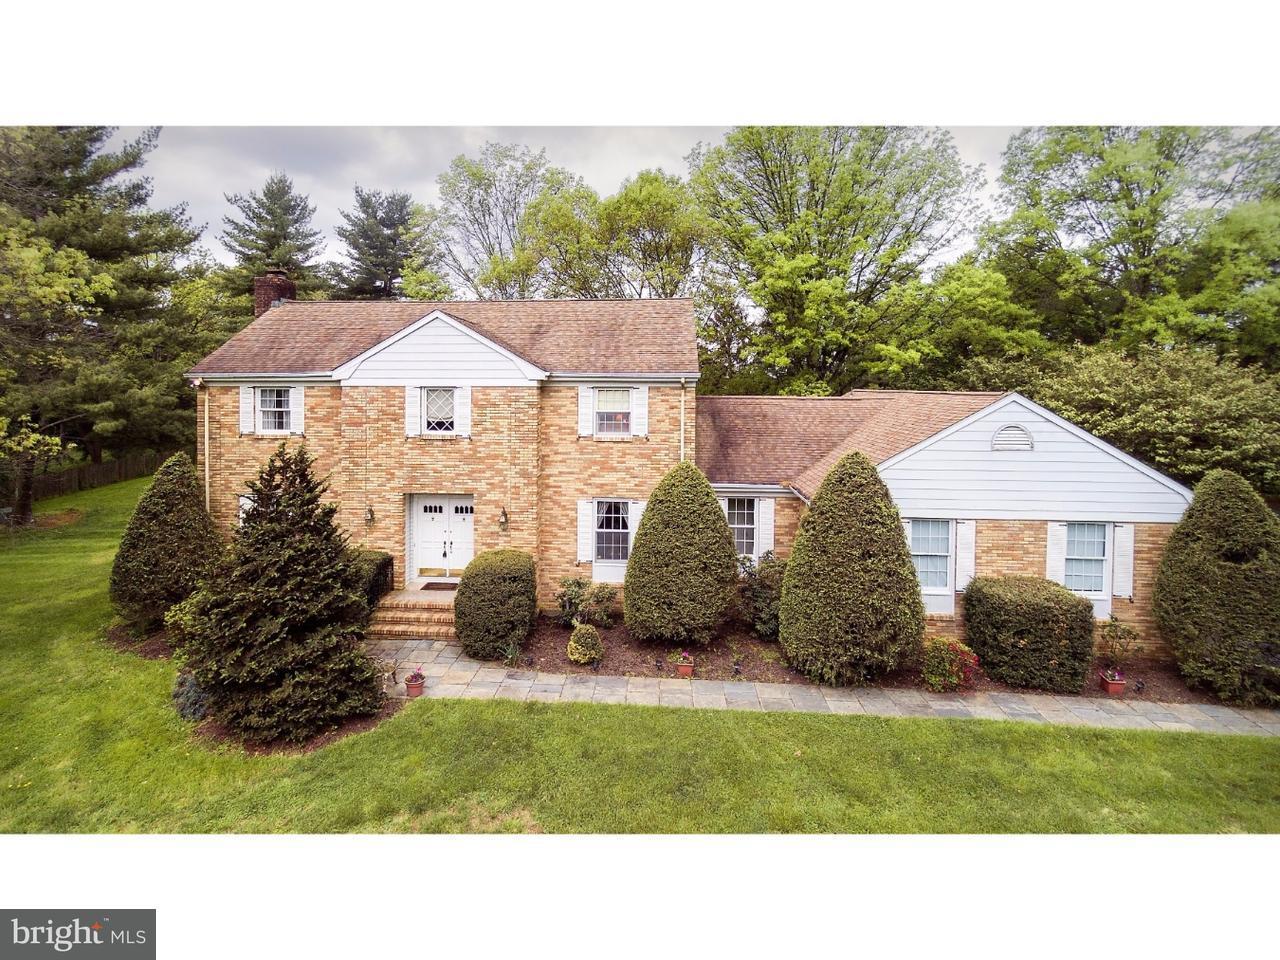 独户住宅 为 销售 在 71 CARTER Road 普林斯顿, 新泽西州 08540 美国